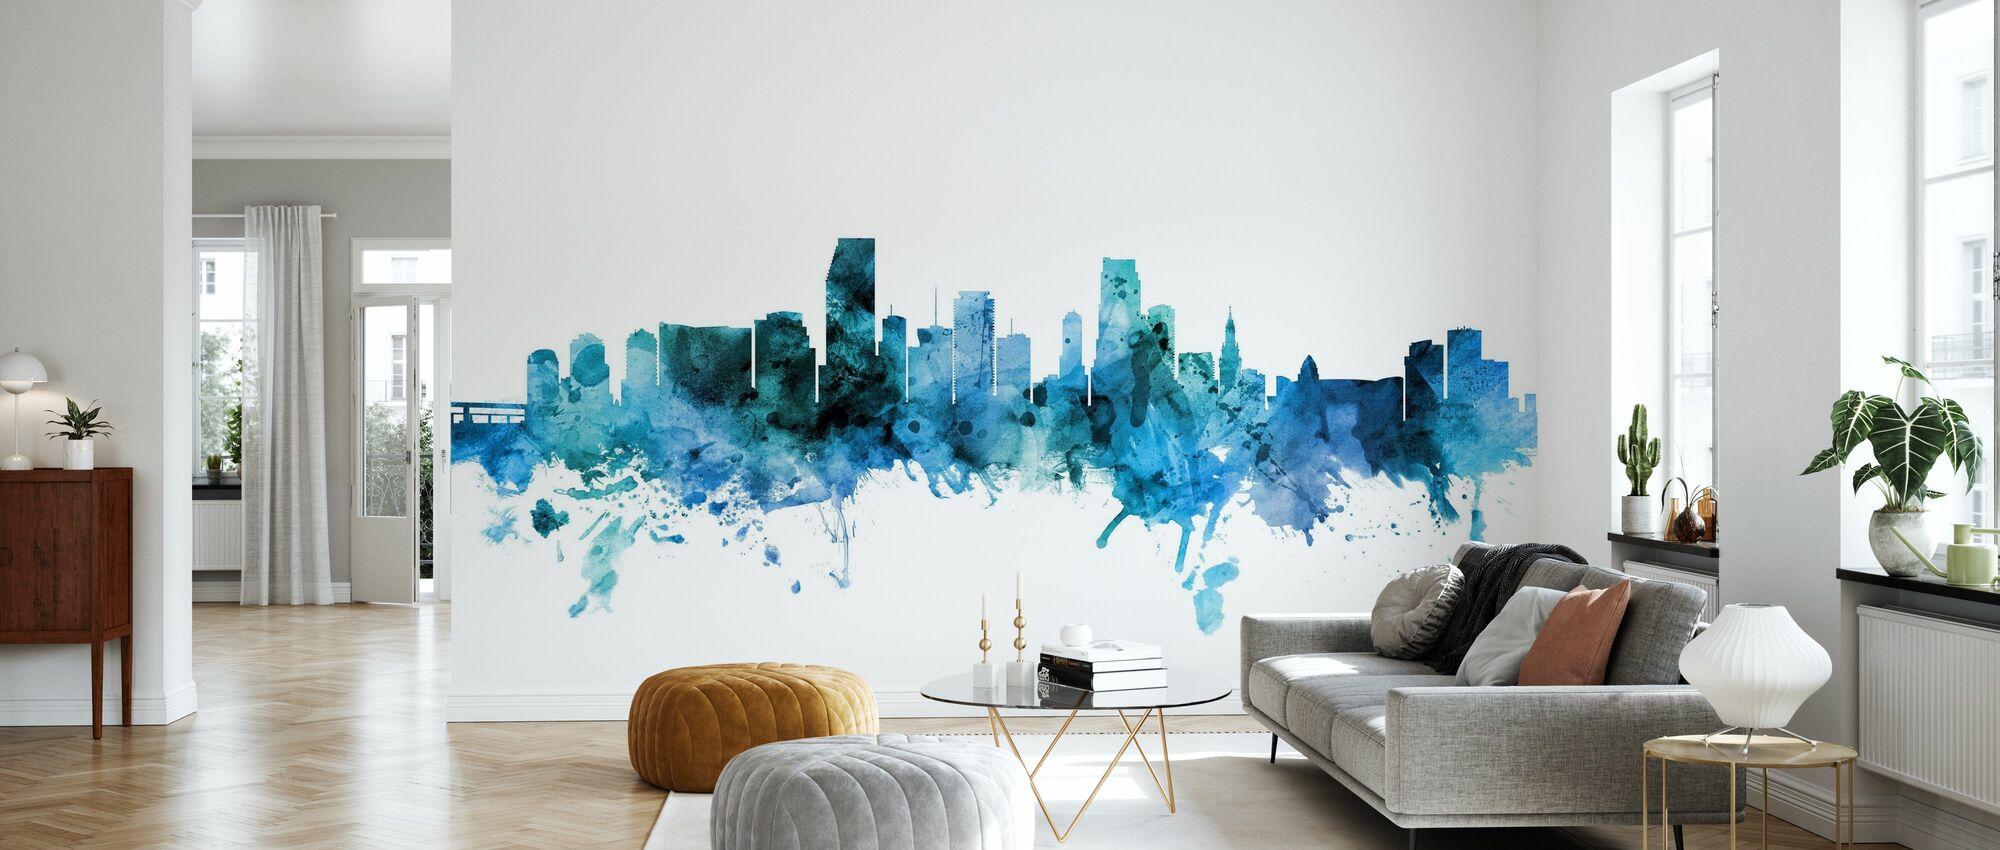 Miami Floride Skyline - Papier peint - Salle à manger